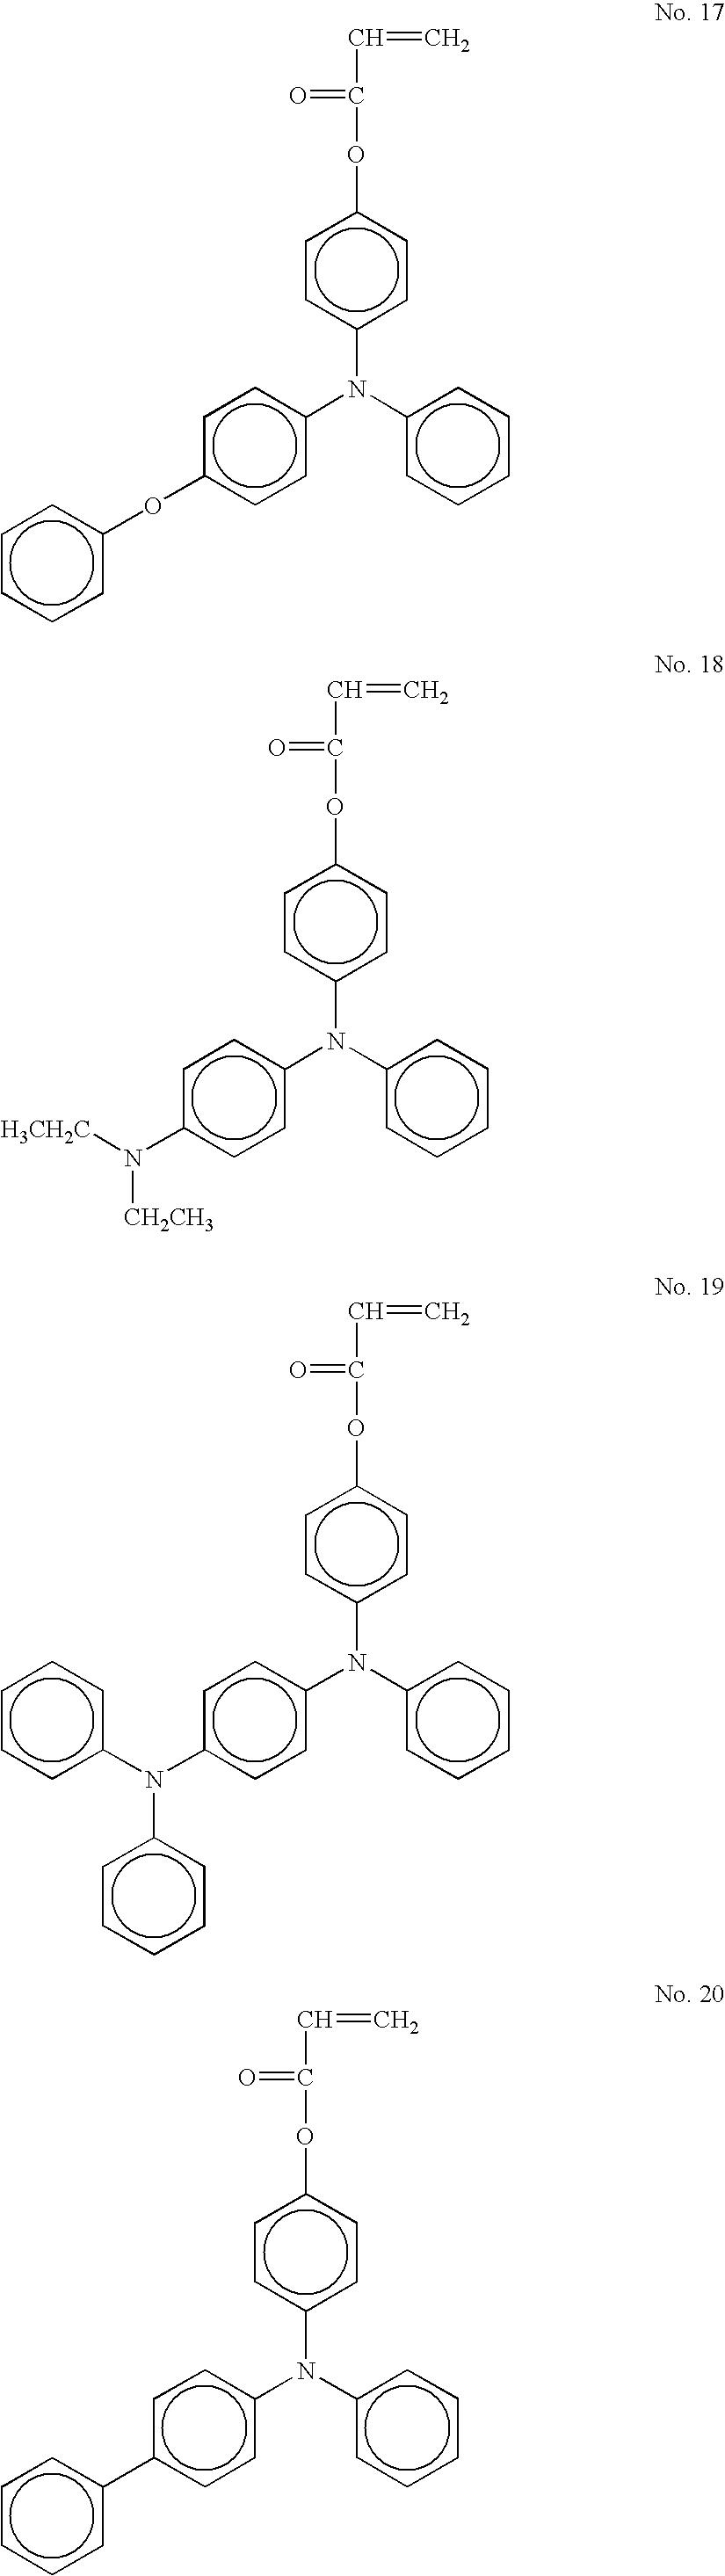 Figure US20050158641A1-20050721-C00021